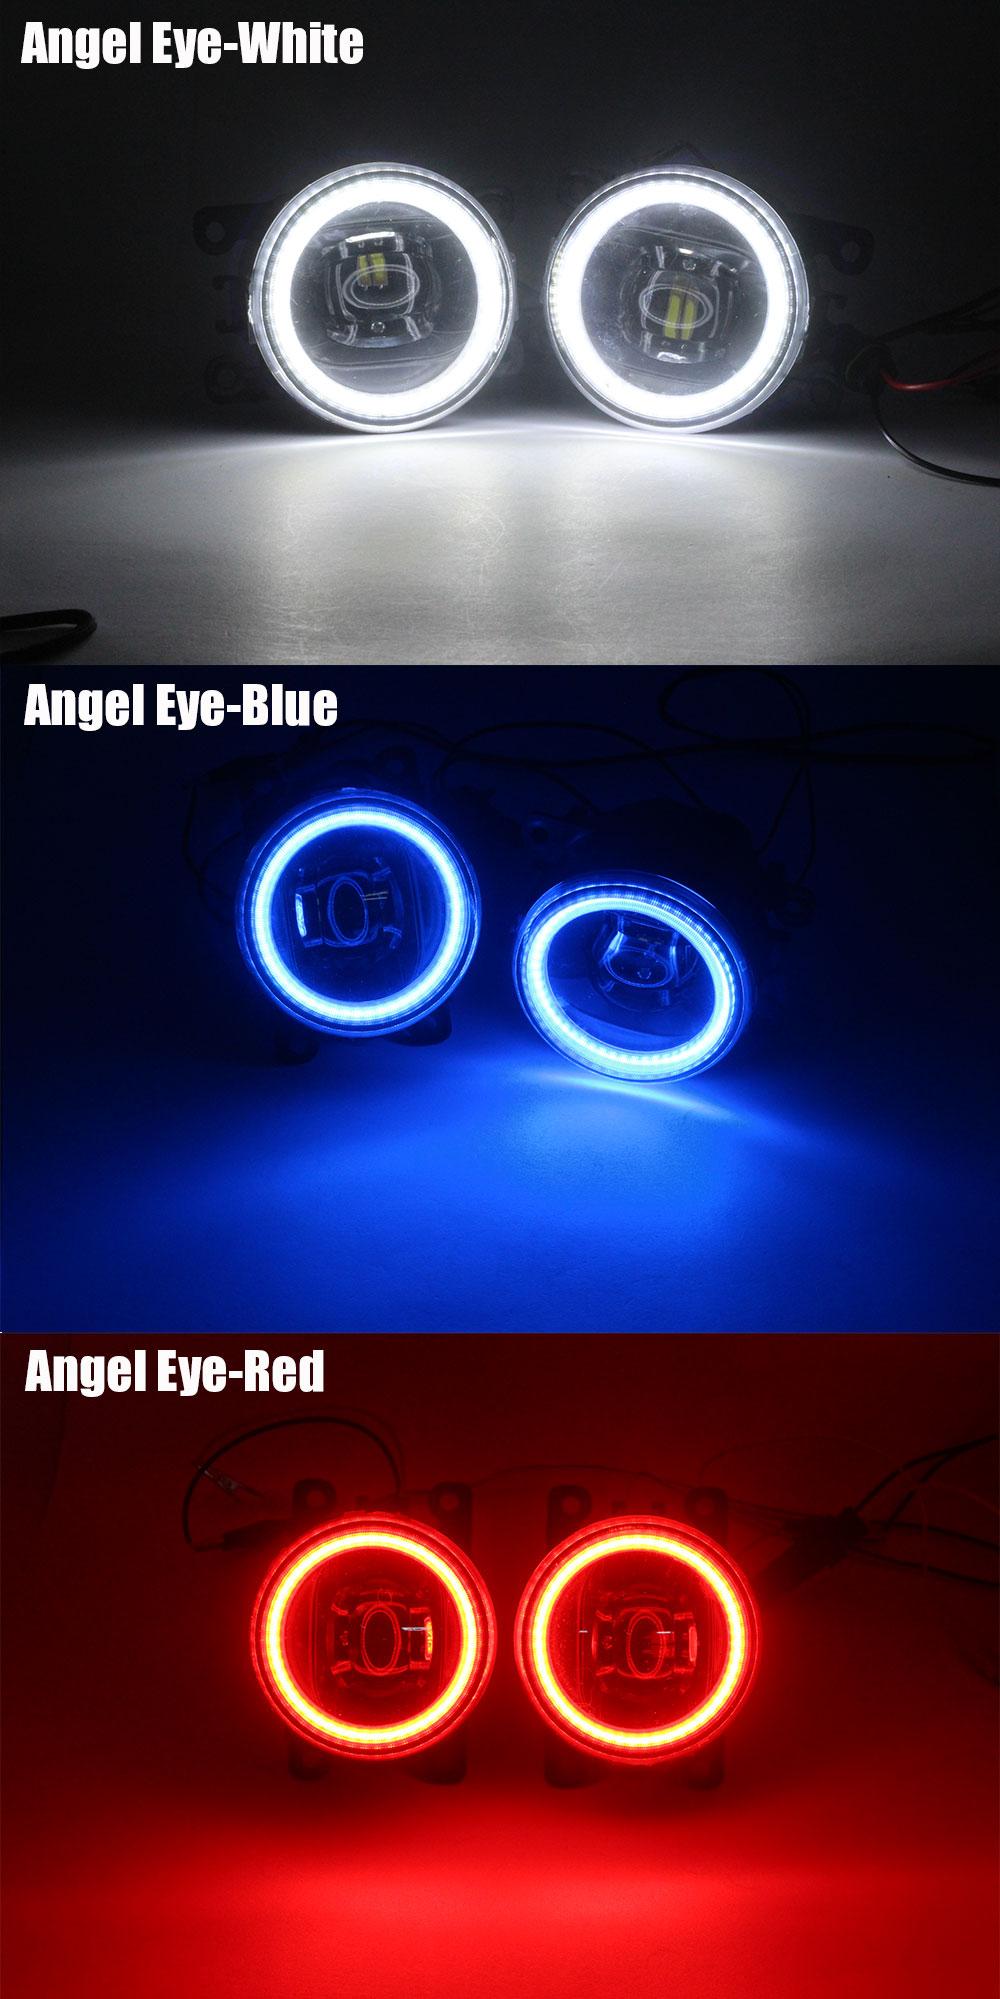 Lensangel